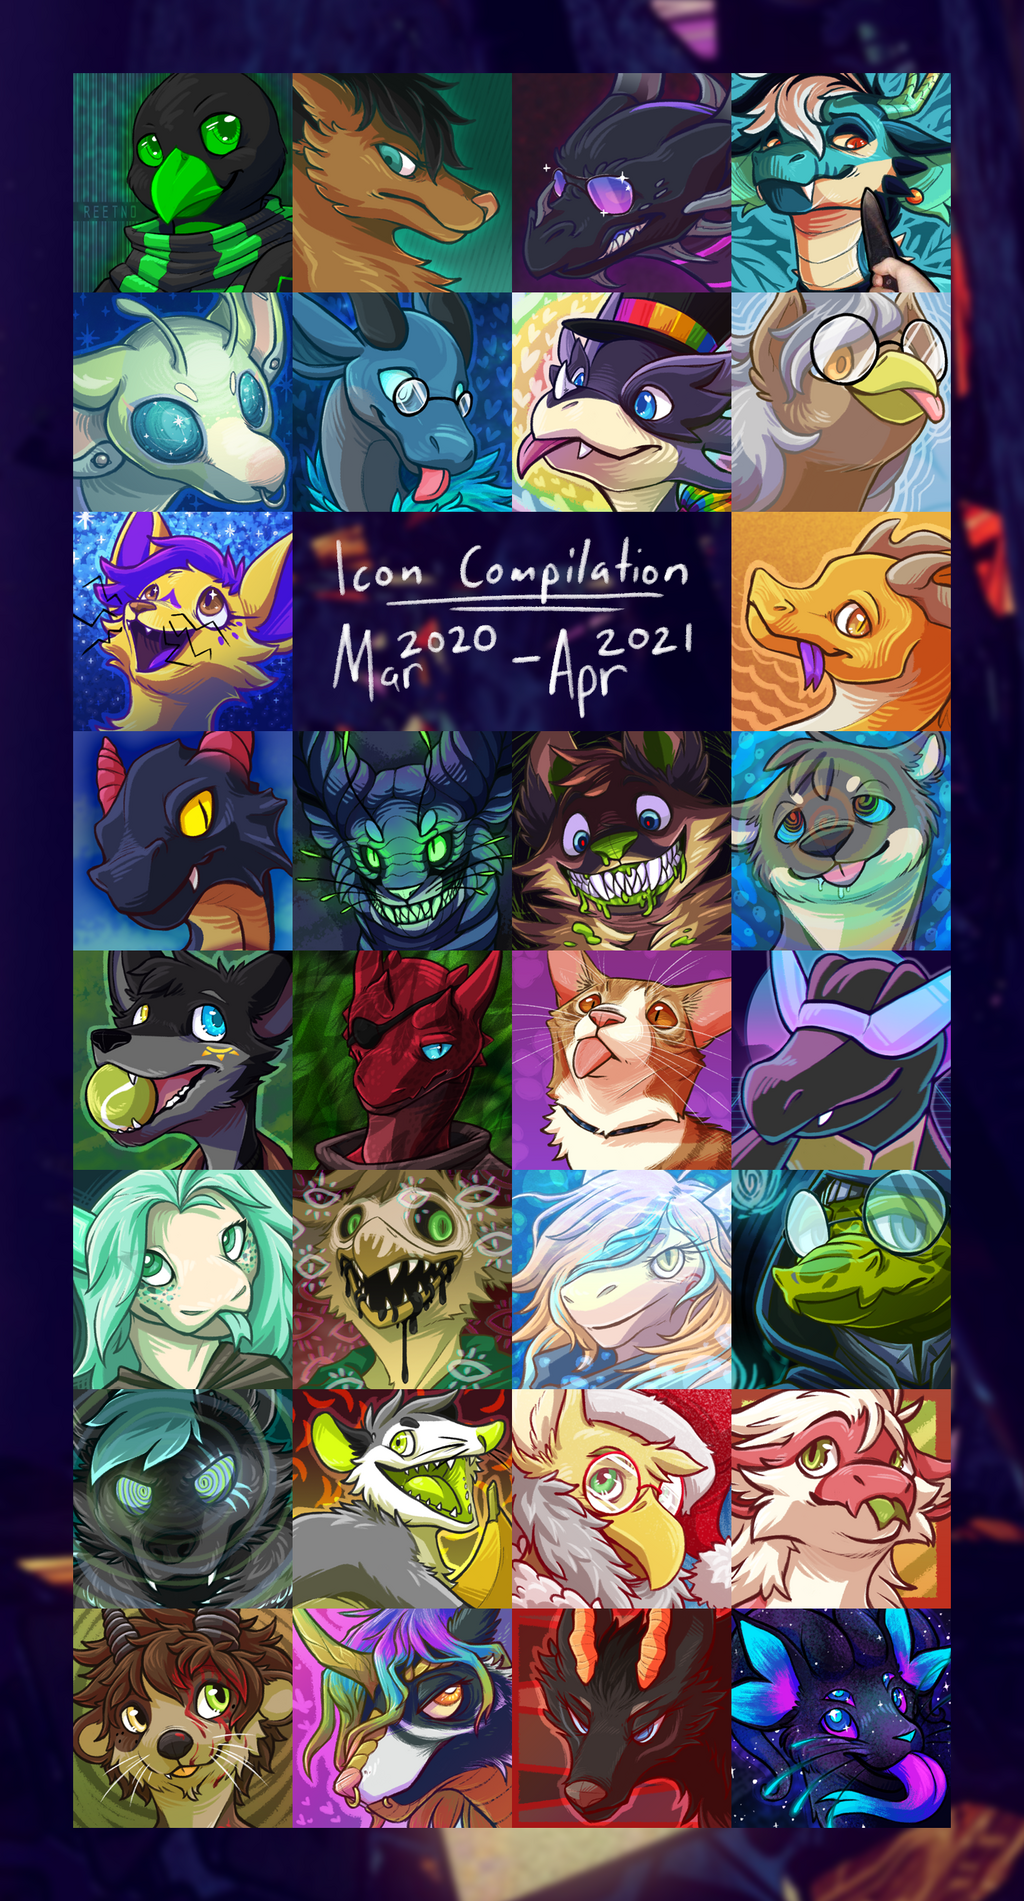 [com] Mar 2020 - Apr 2021 Icons